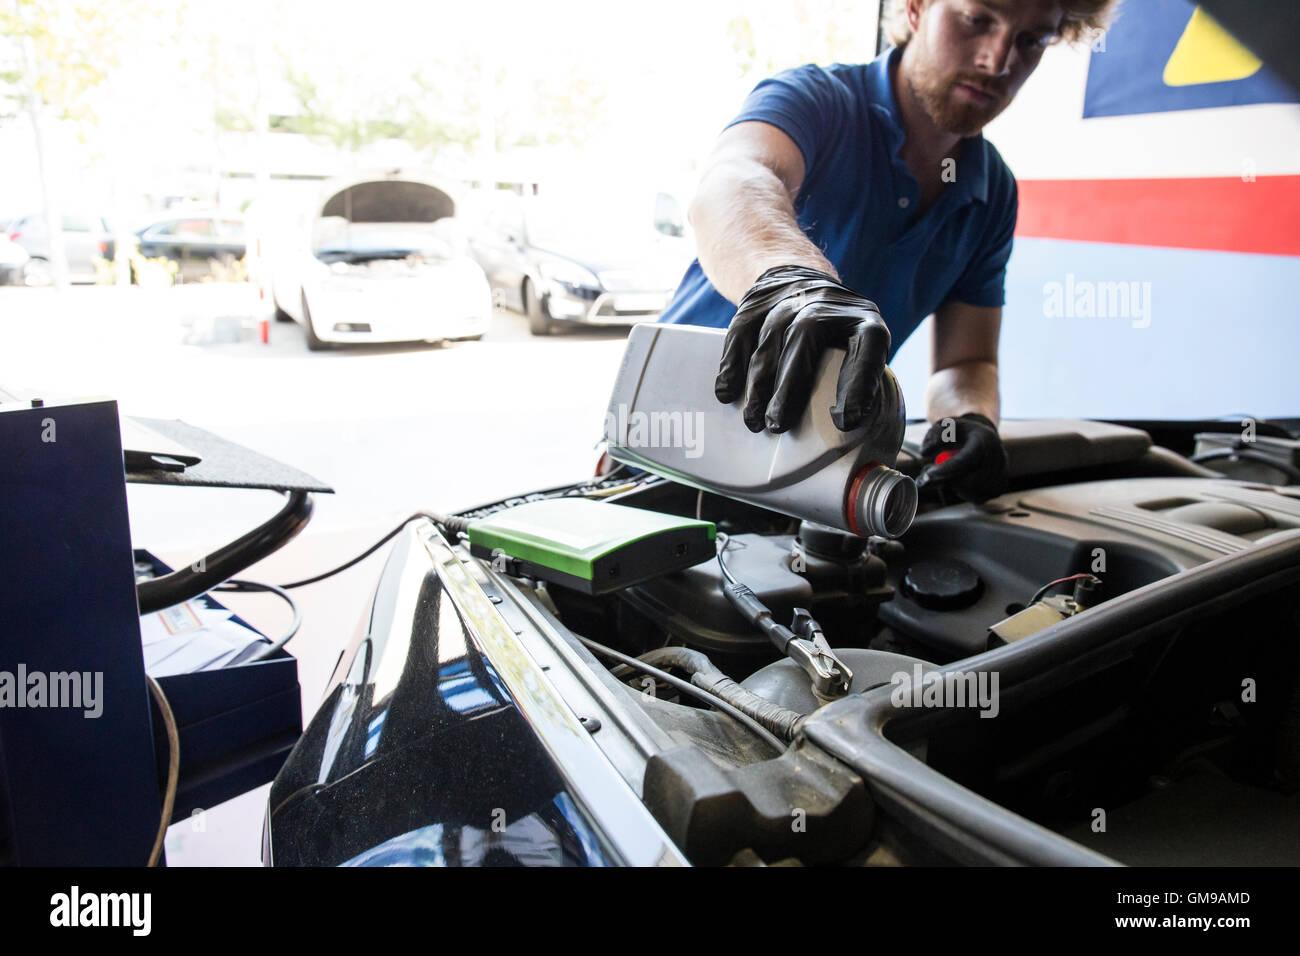 Nachfüllen von Öl im Auto Mechaniker Stockfoto, Bild: 115761309 - Alamy